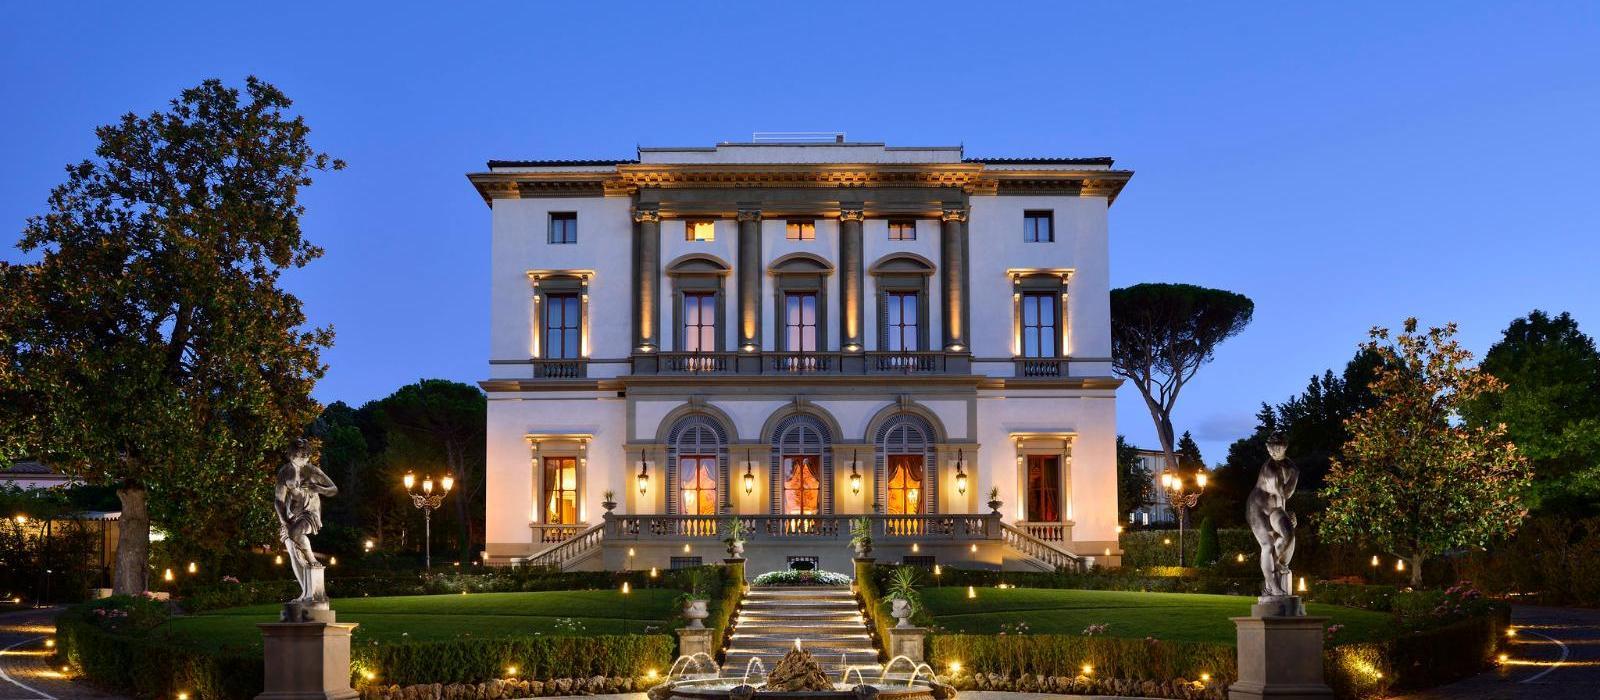 科拉别墅酒店(Villa Cora) 图片  www.lhw.cn